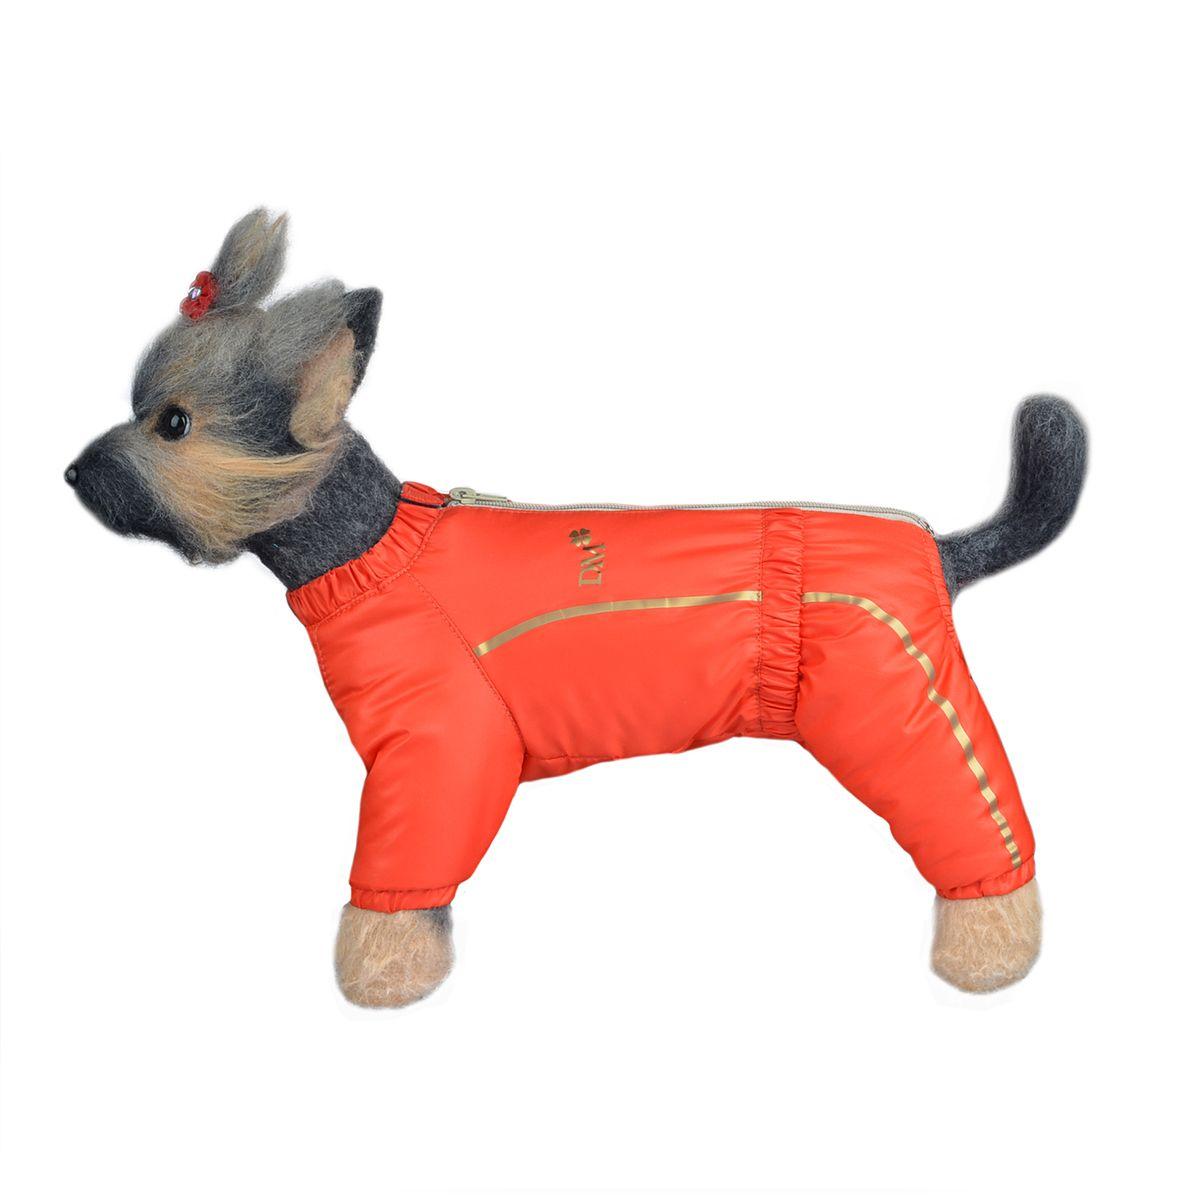 Комбинезон для собак Dogmoda Альпы, зимний, для девочки, цвет: оранжевый. Размер 4 (XL) комбинезон для собак dogmoda doggs зимний для девочки цвет фиолетовый размер xxl